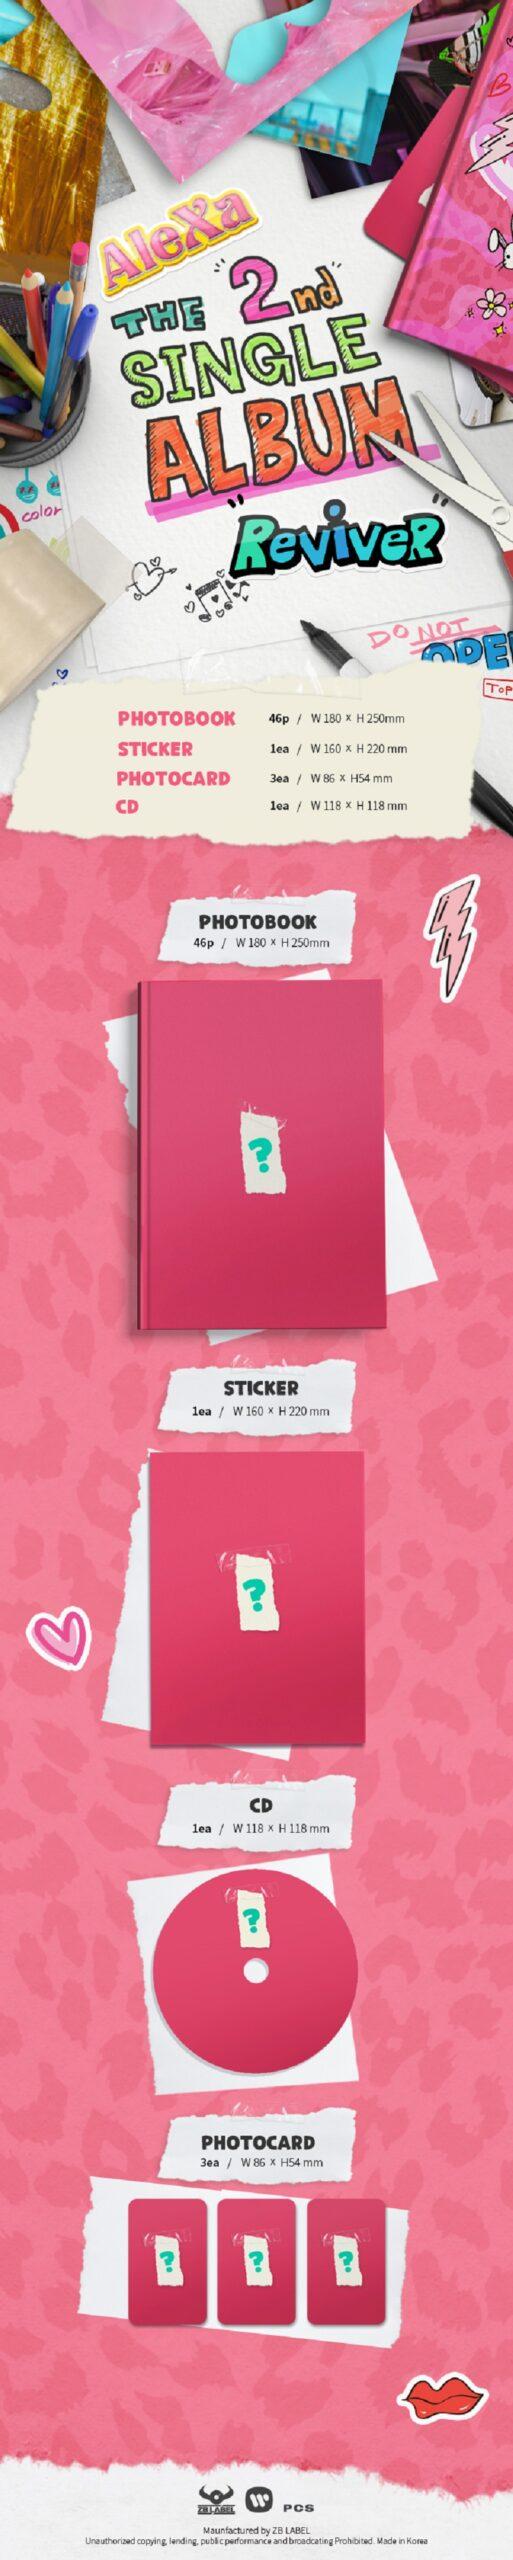 AleXa 2nd Single Album ReviveR